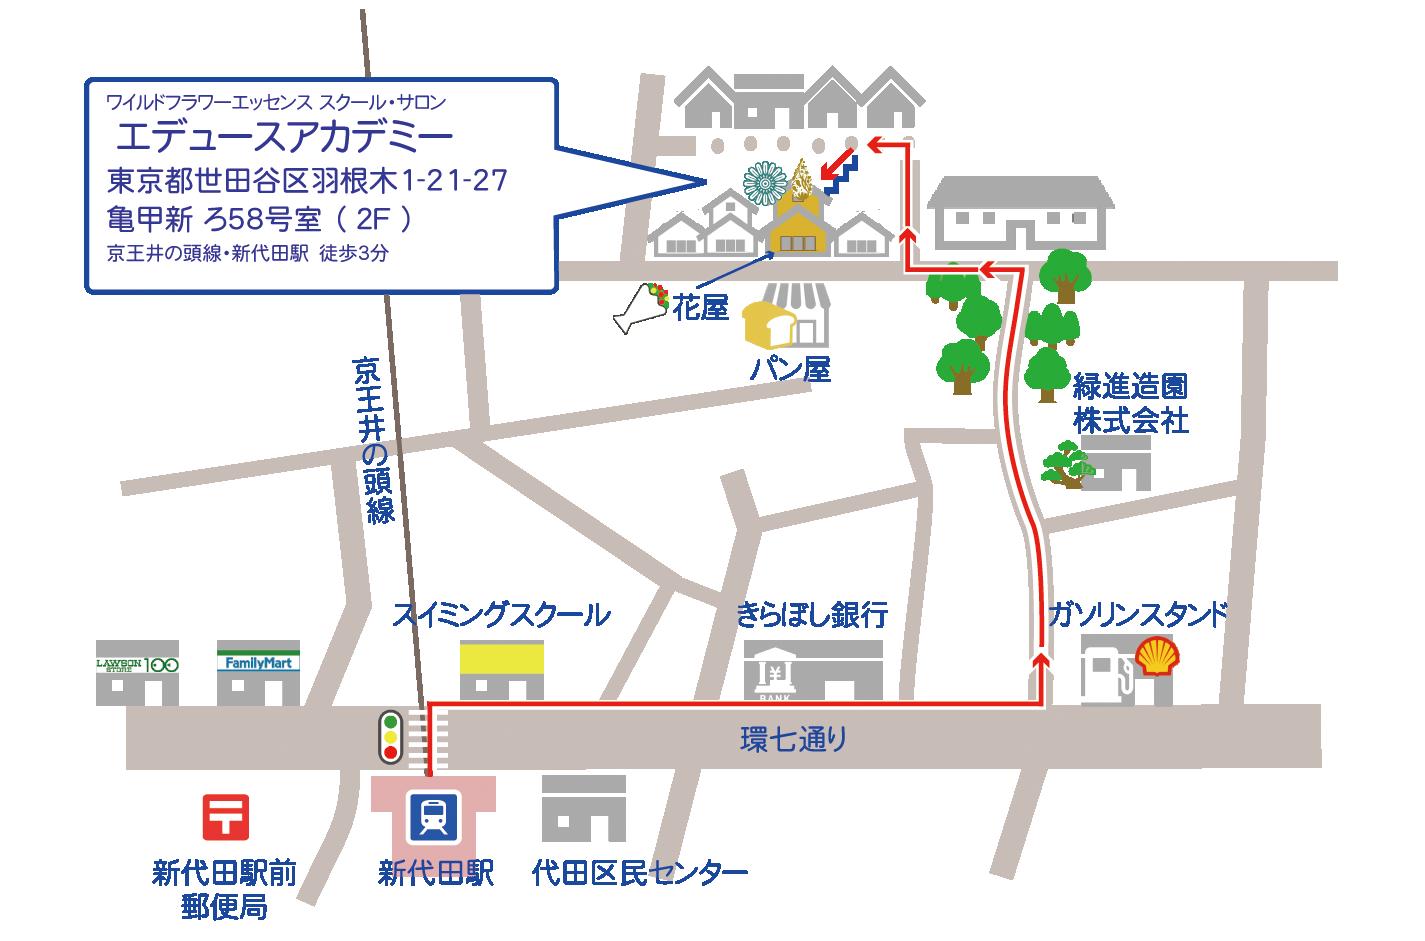 エデュースアカデミー東京 地図